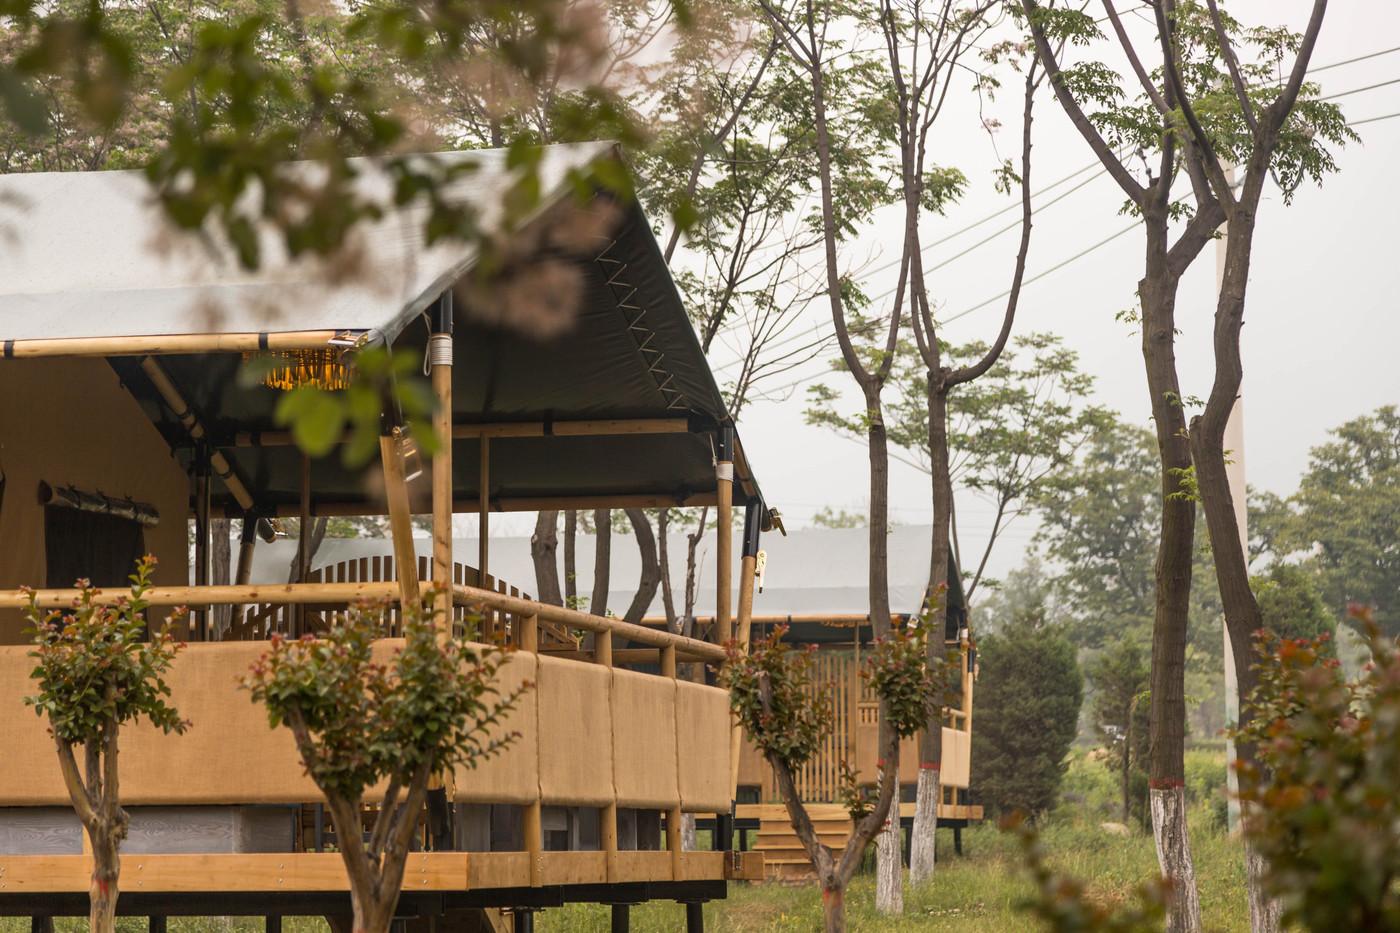 喜马拉雅野奢帐篷酒店—华山自驾游露营地(78平)6